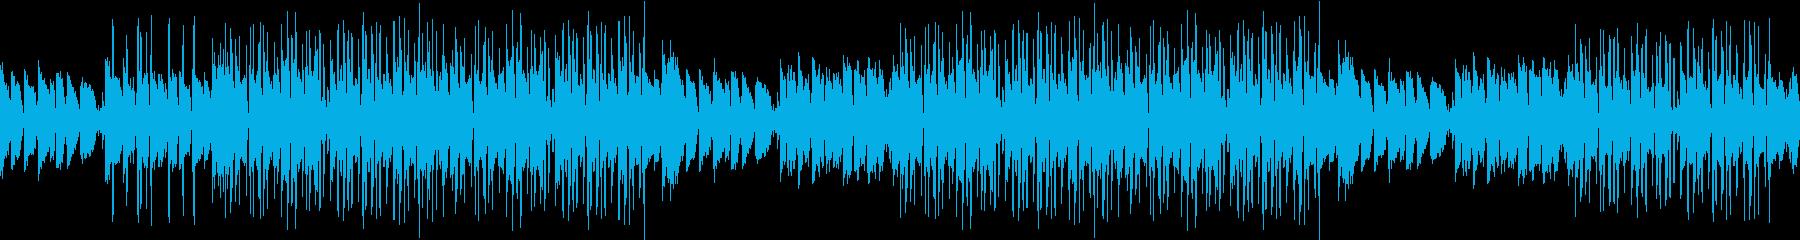 ループギター・お洒落・爽やか・サンセットの再生済みの波形